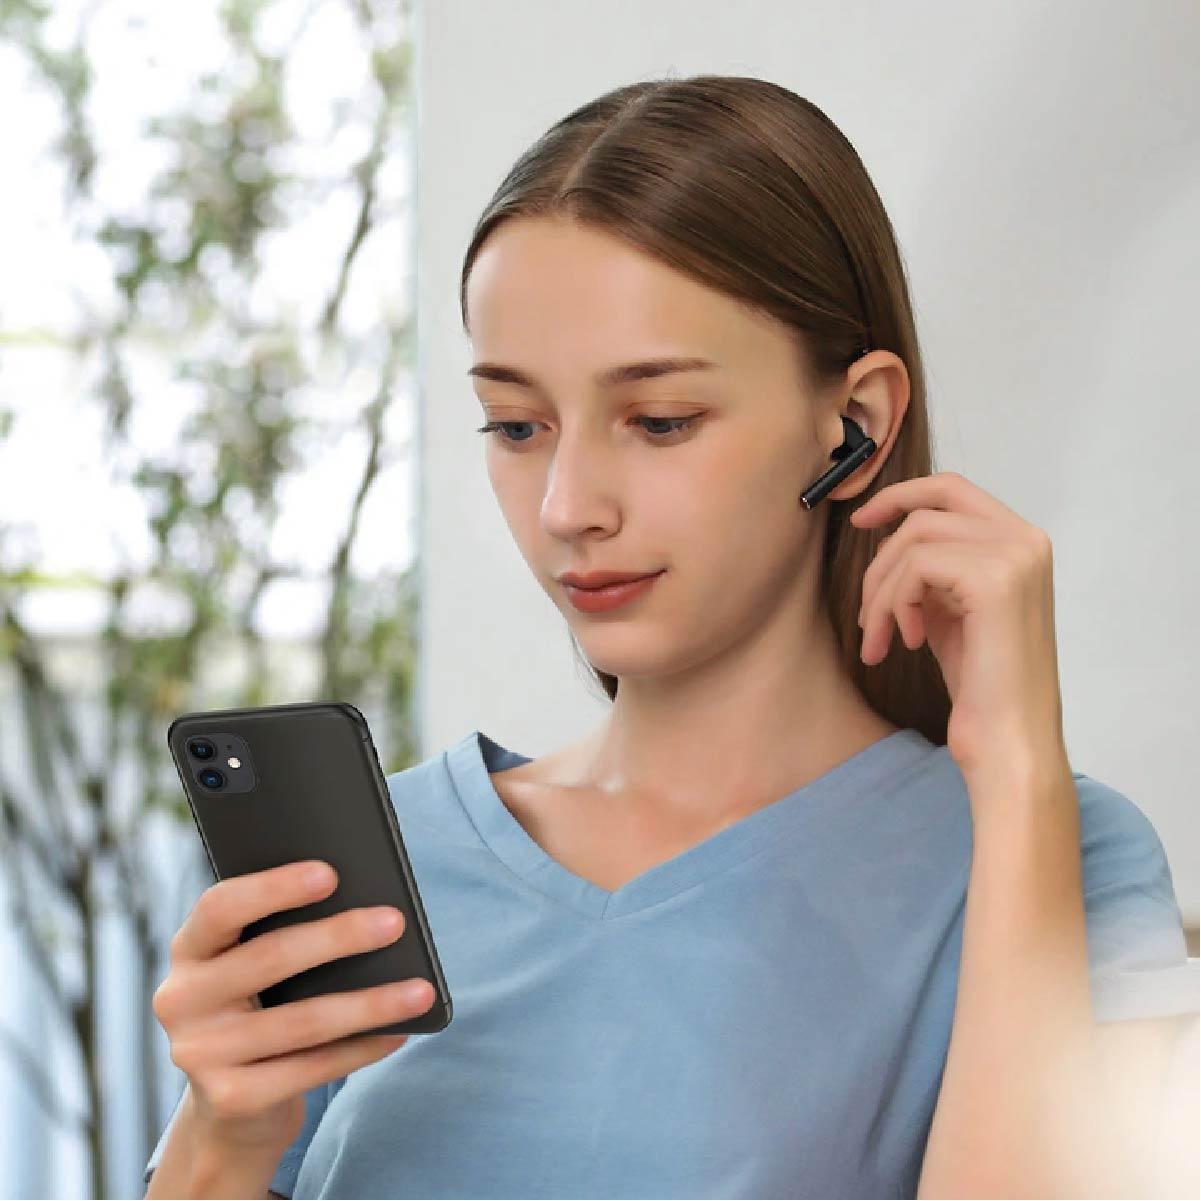 Fone de Ouvido Sem Fio Baseus Tws W05 Bluetooth Qi